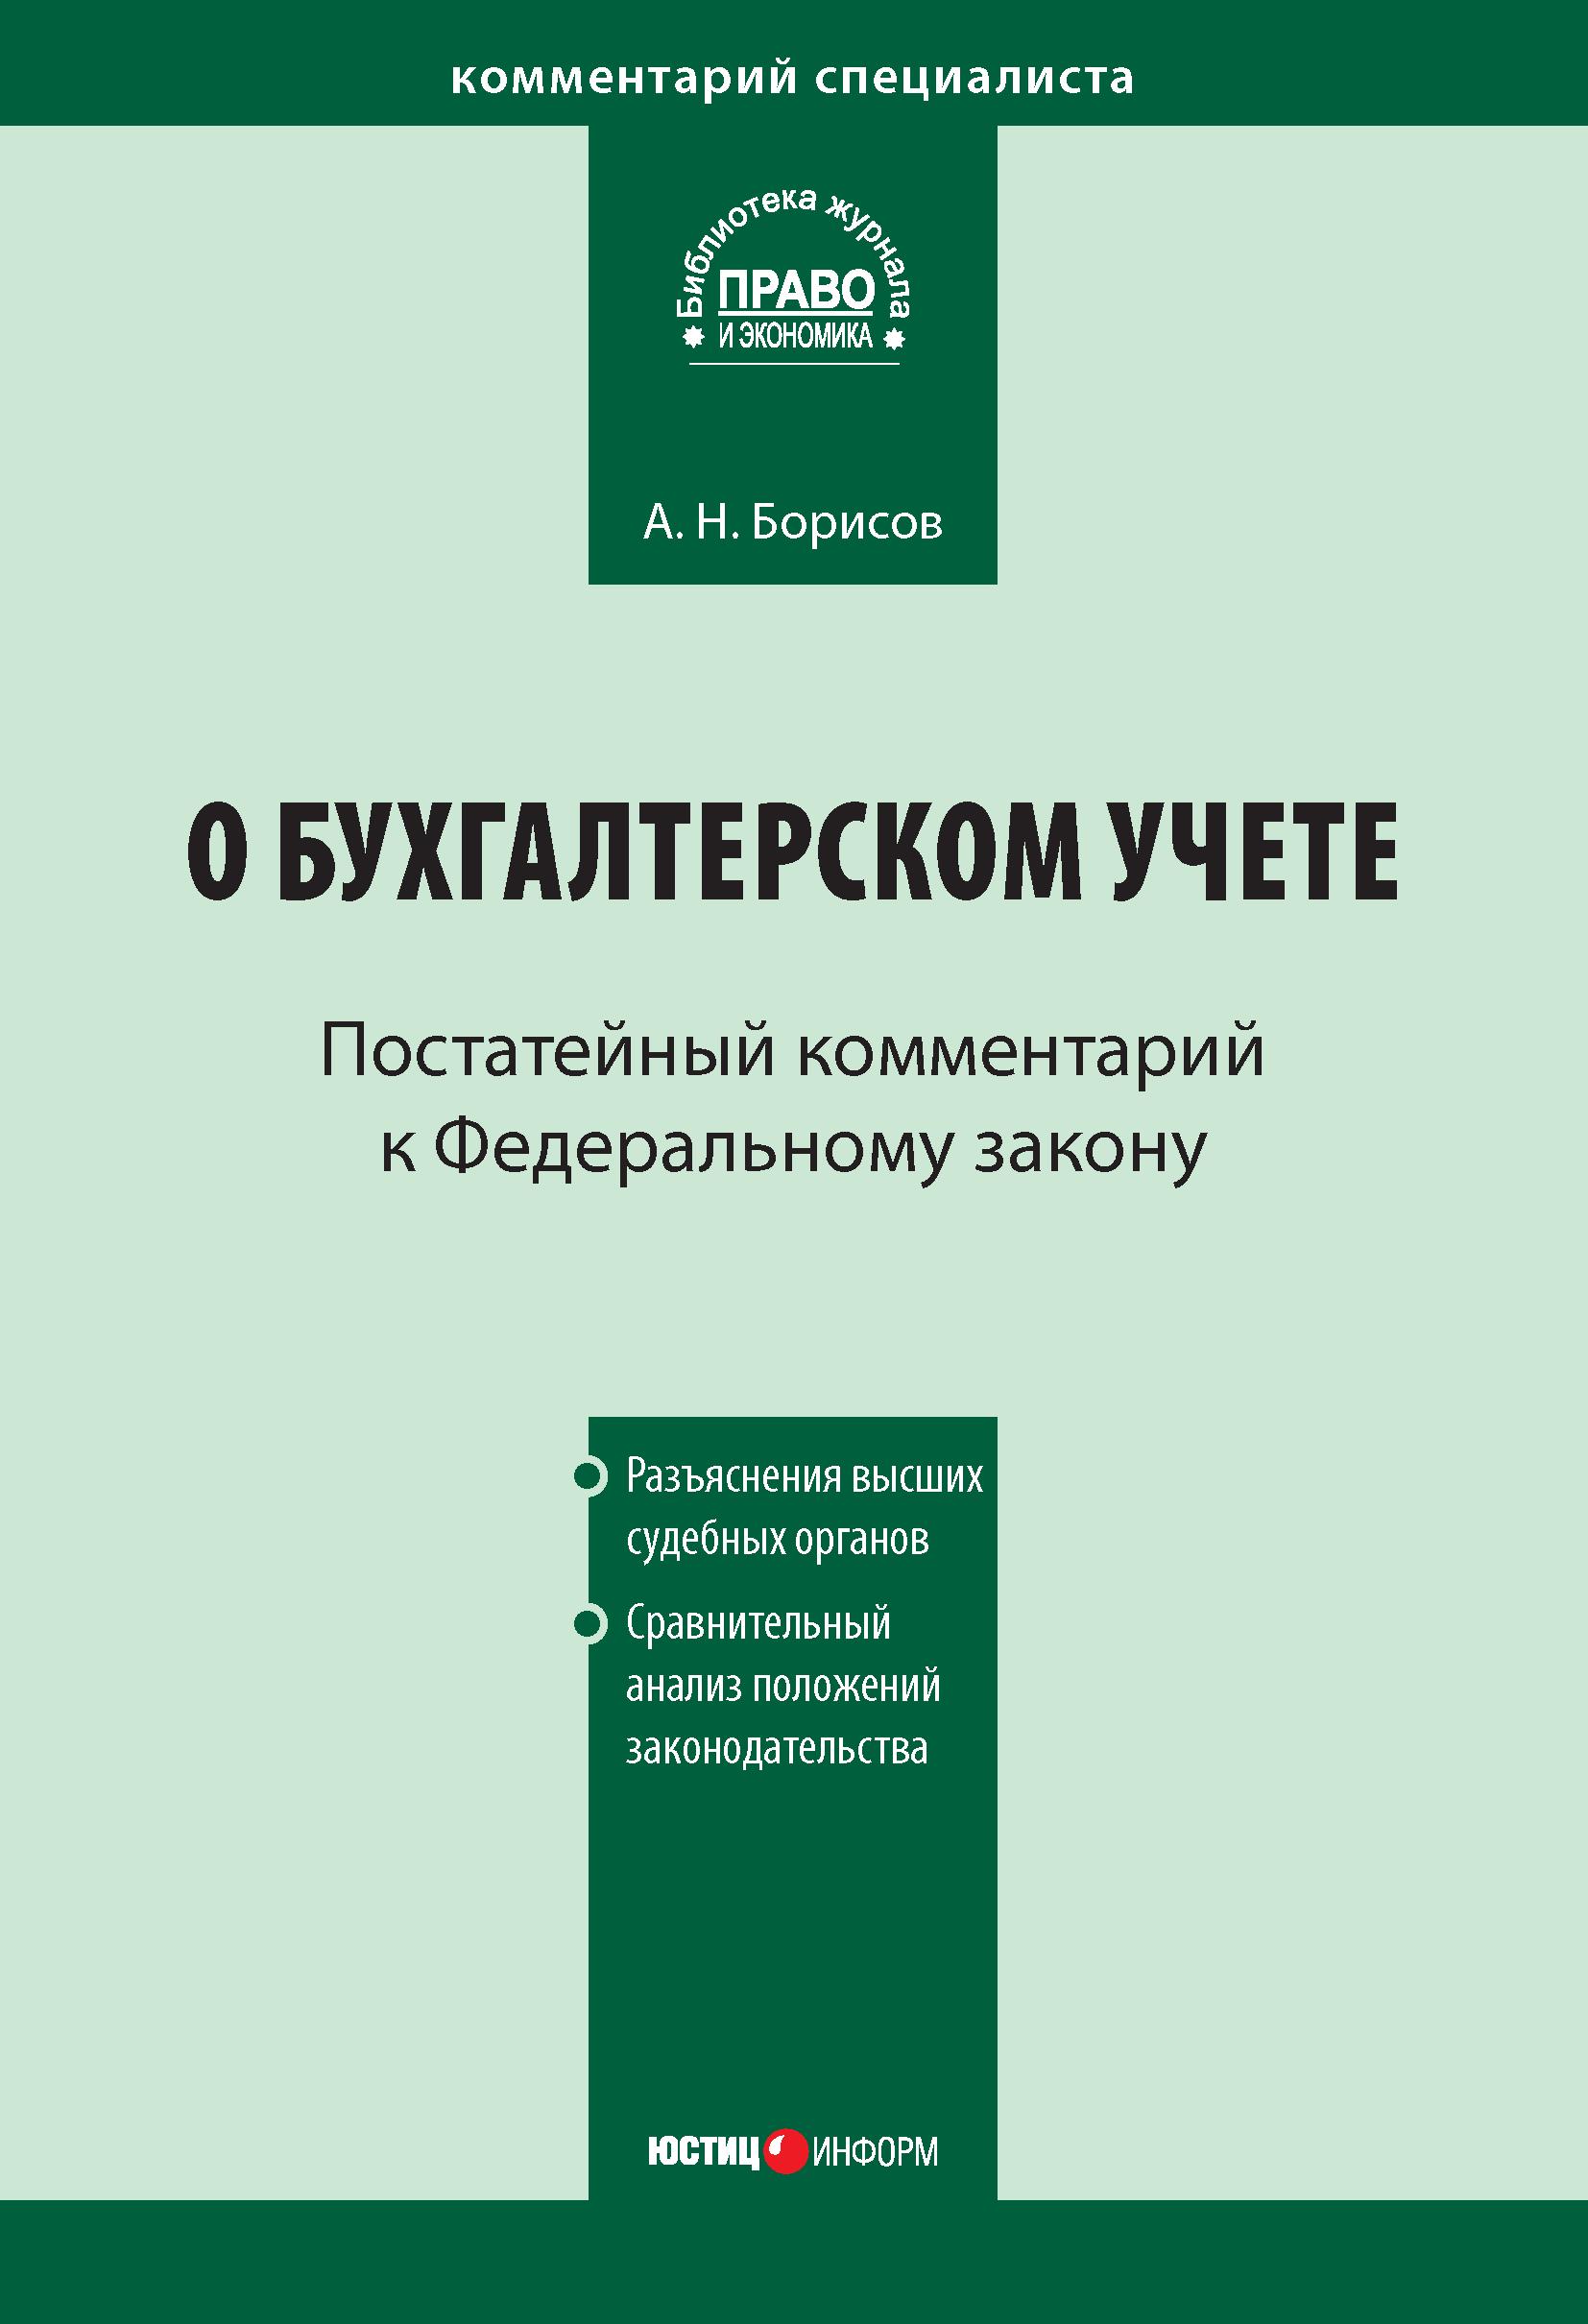 А. Н. Борисов Комментарий к Федеральному закону от 21 ноября 1996г.№129-ФЗ «О бухгалтерском учете» (постатейный)